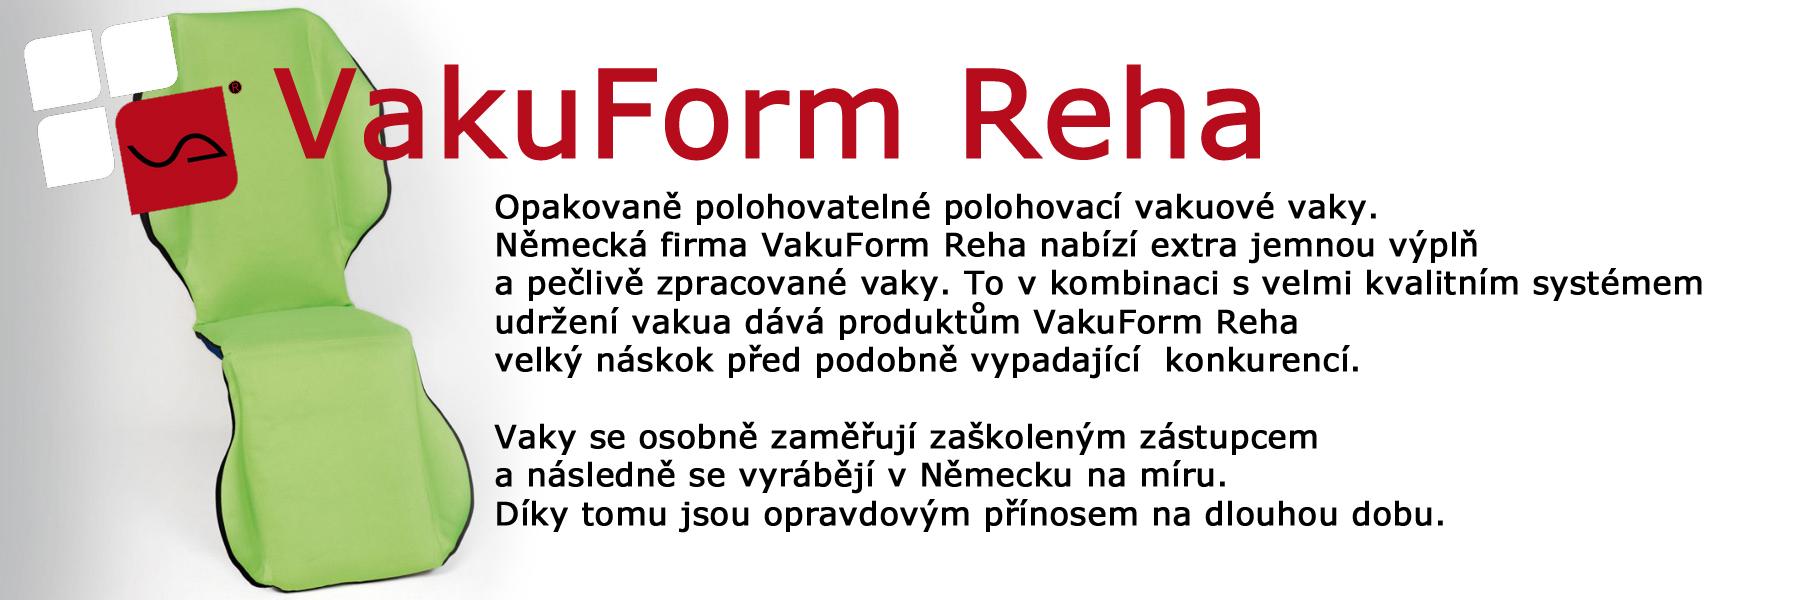 VakuForm Reha